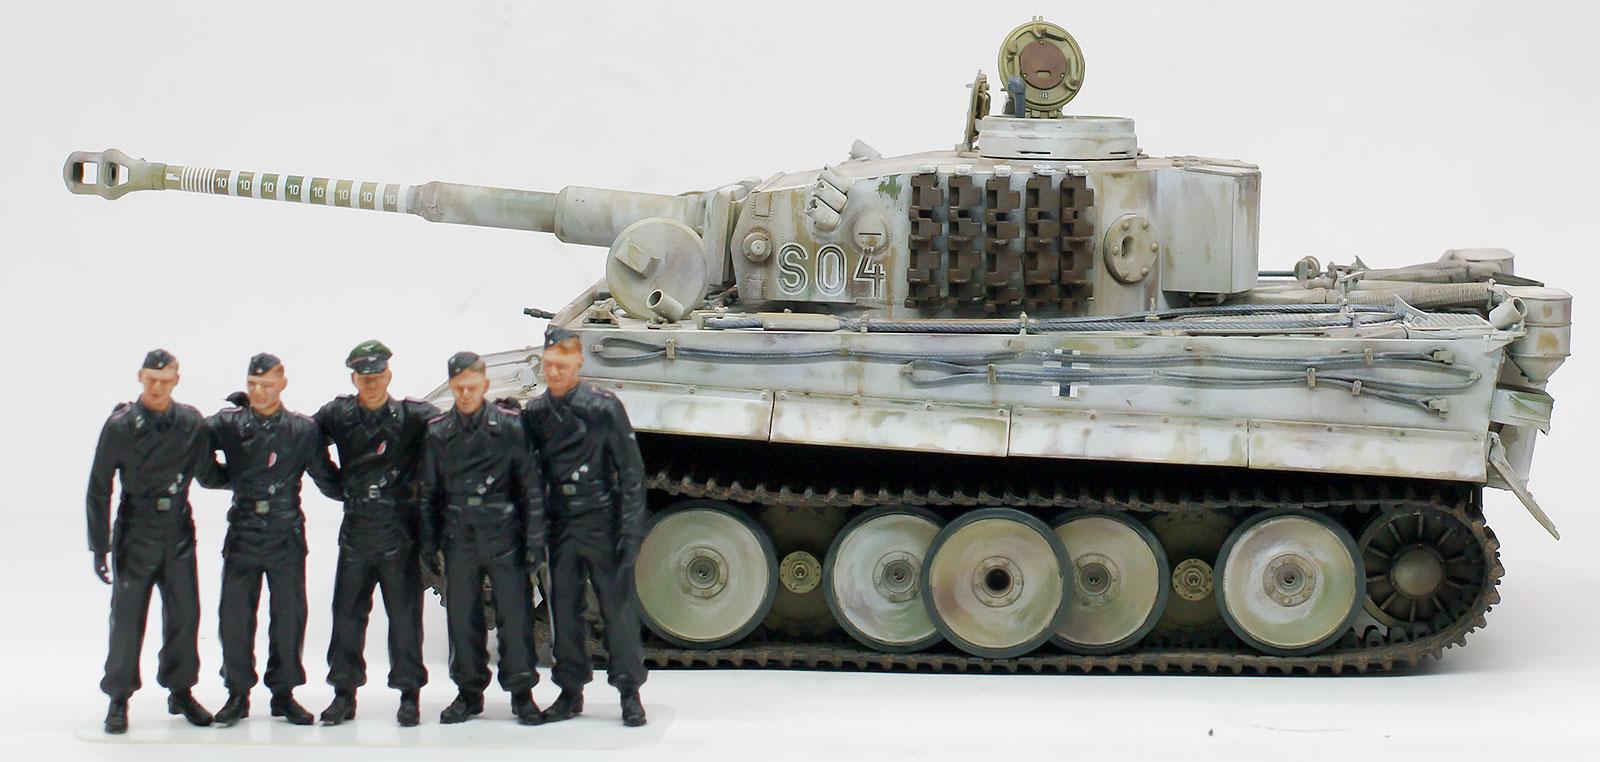 ドイツ・ティーガー1初期生産型・ヴィットマンの指揮戦車 1/35 ドラゴン